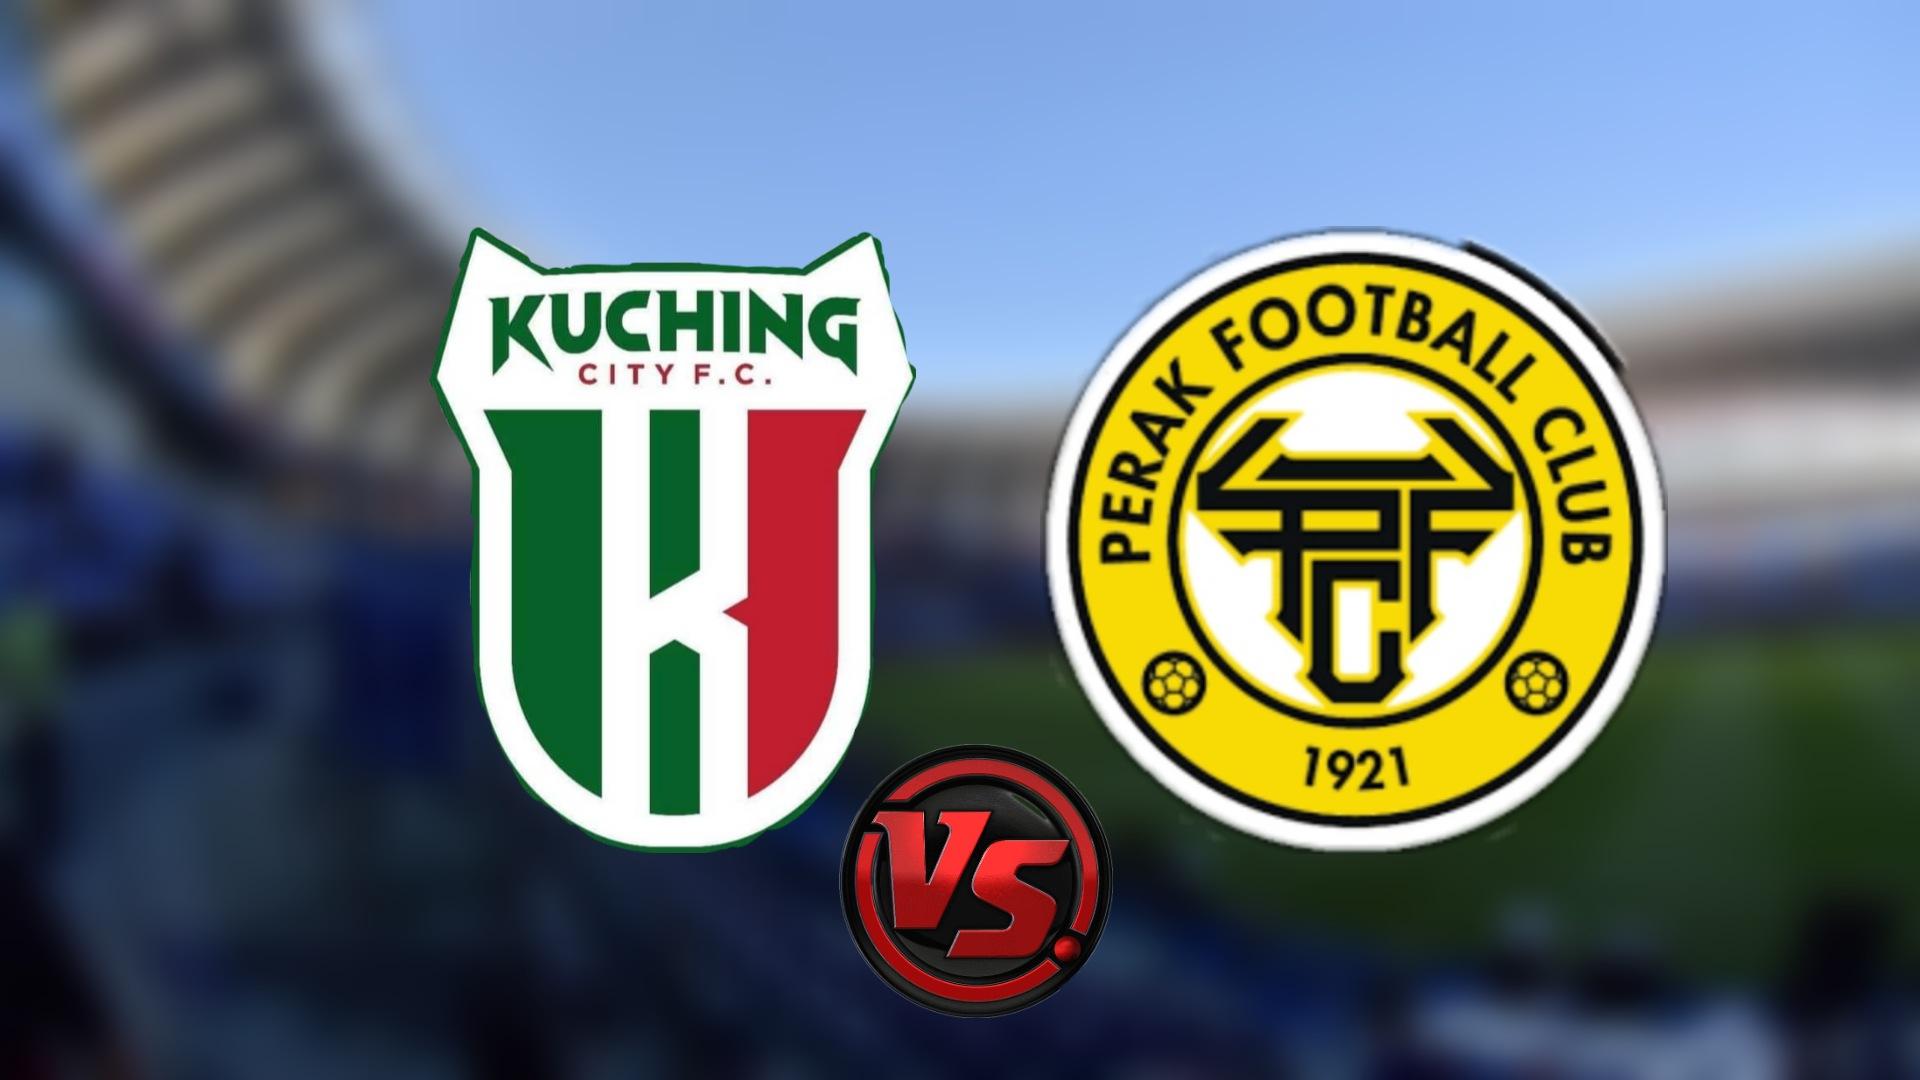 Live Streaming Kuching City FC vs Perak FC Piala Malaysia 29.9.2021